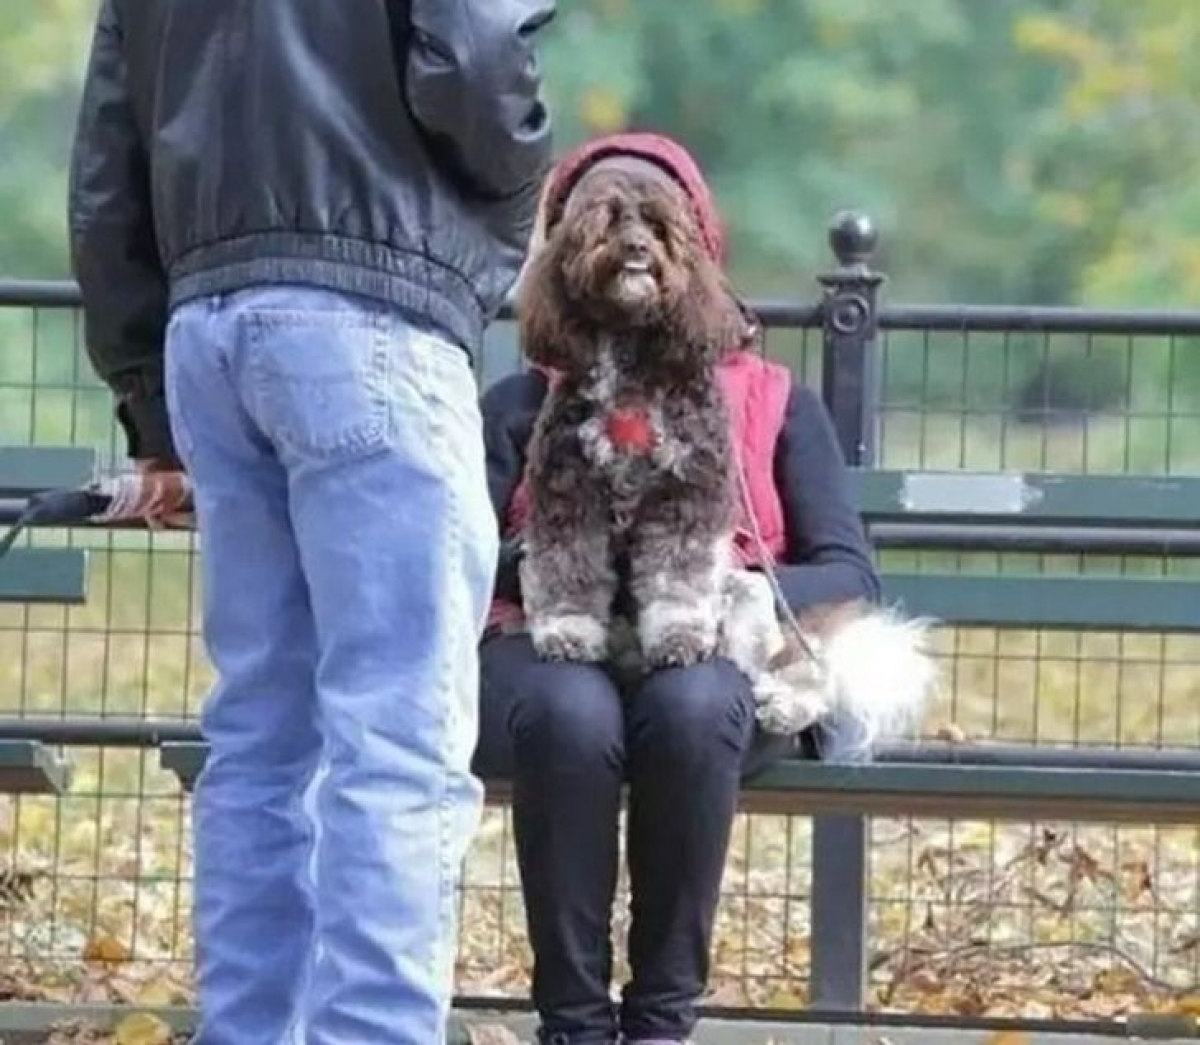 Bức ảnh này trông giống như một người có khuôn mặt của chú chó.